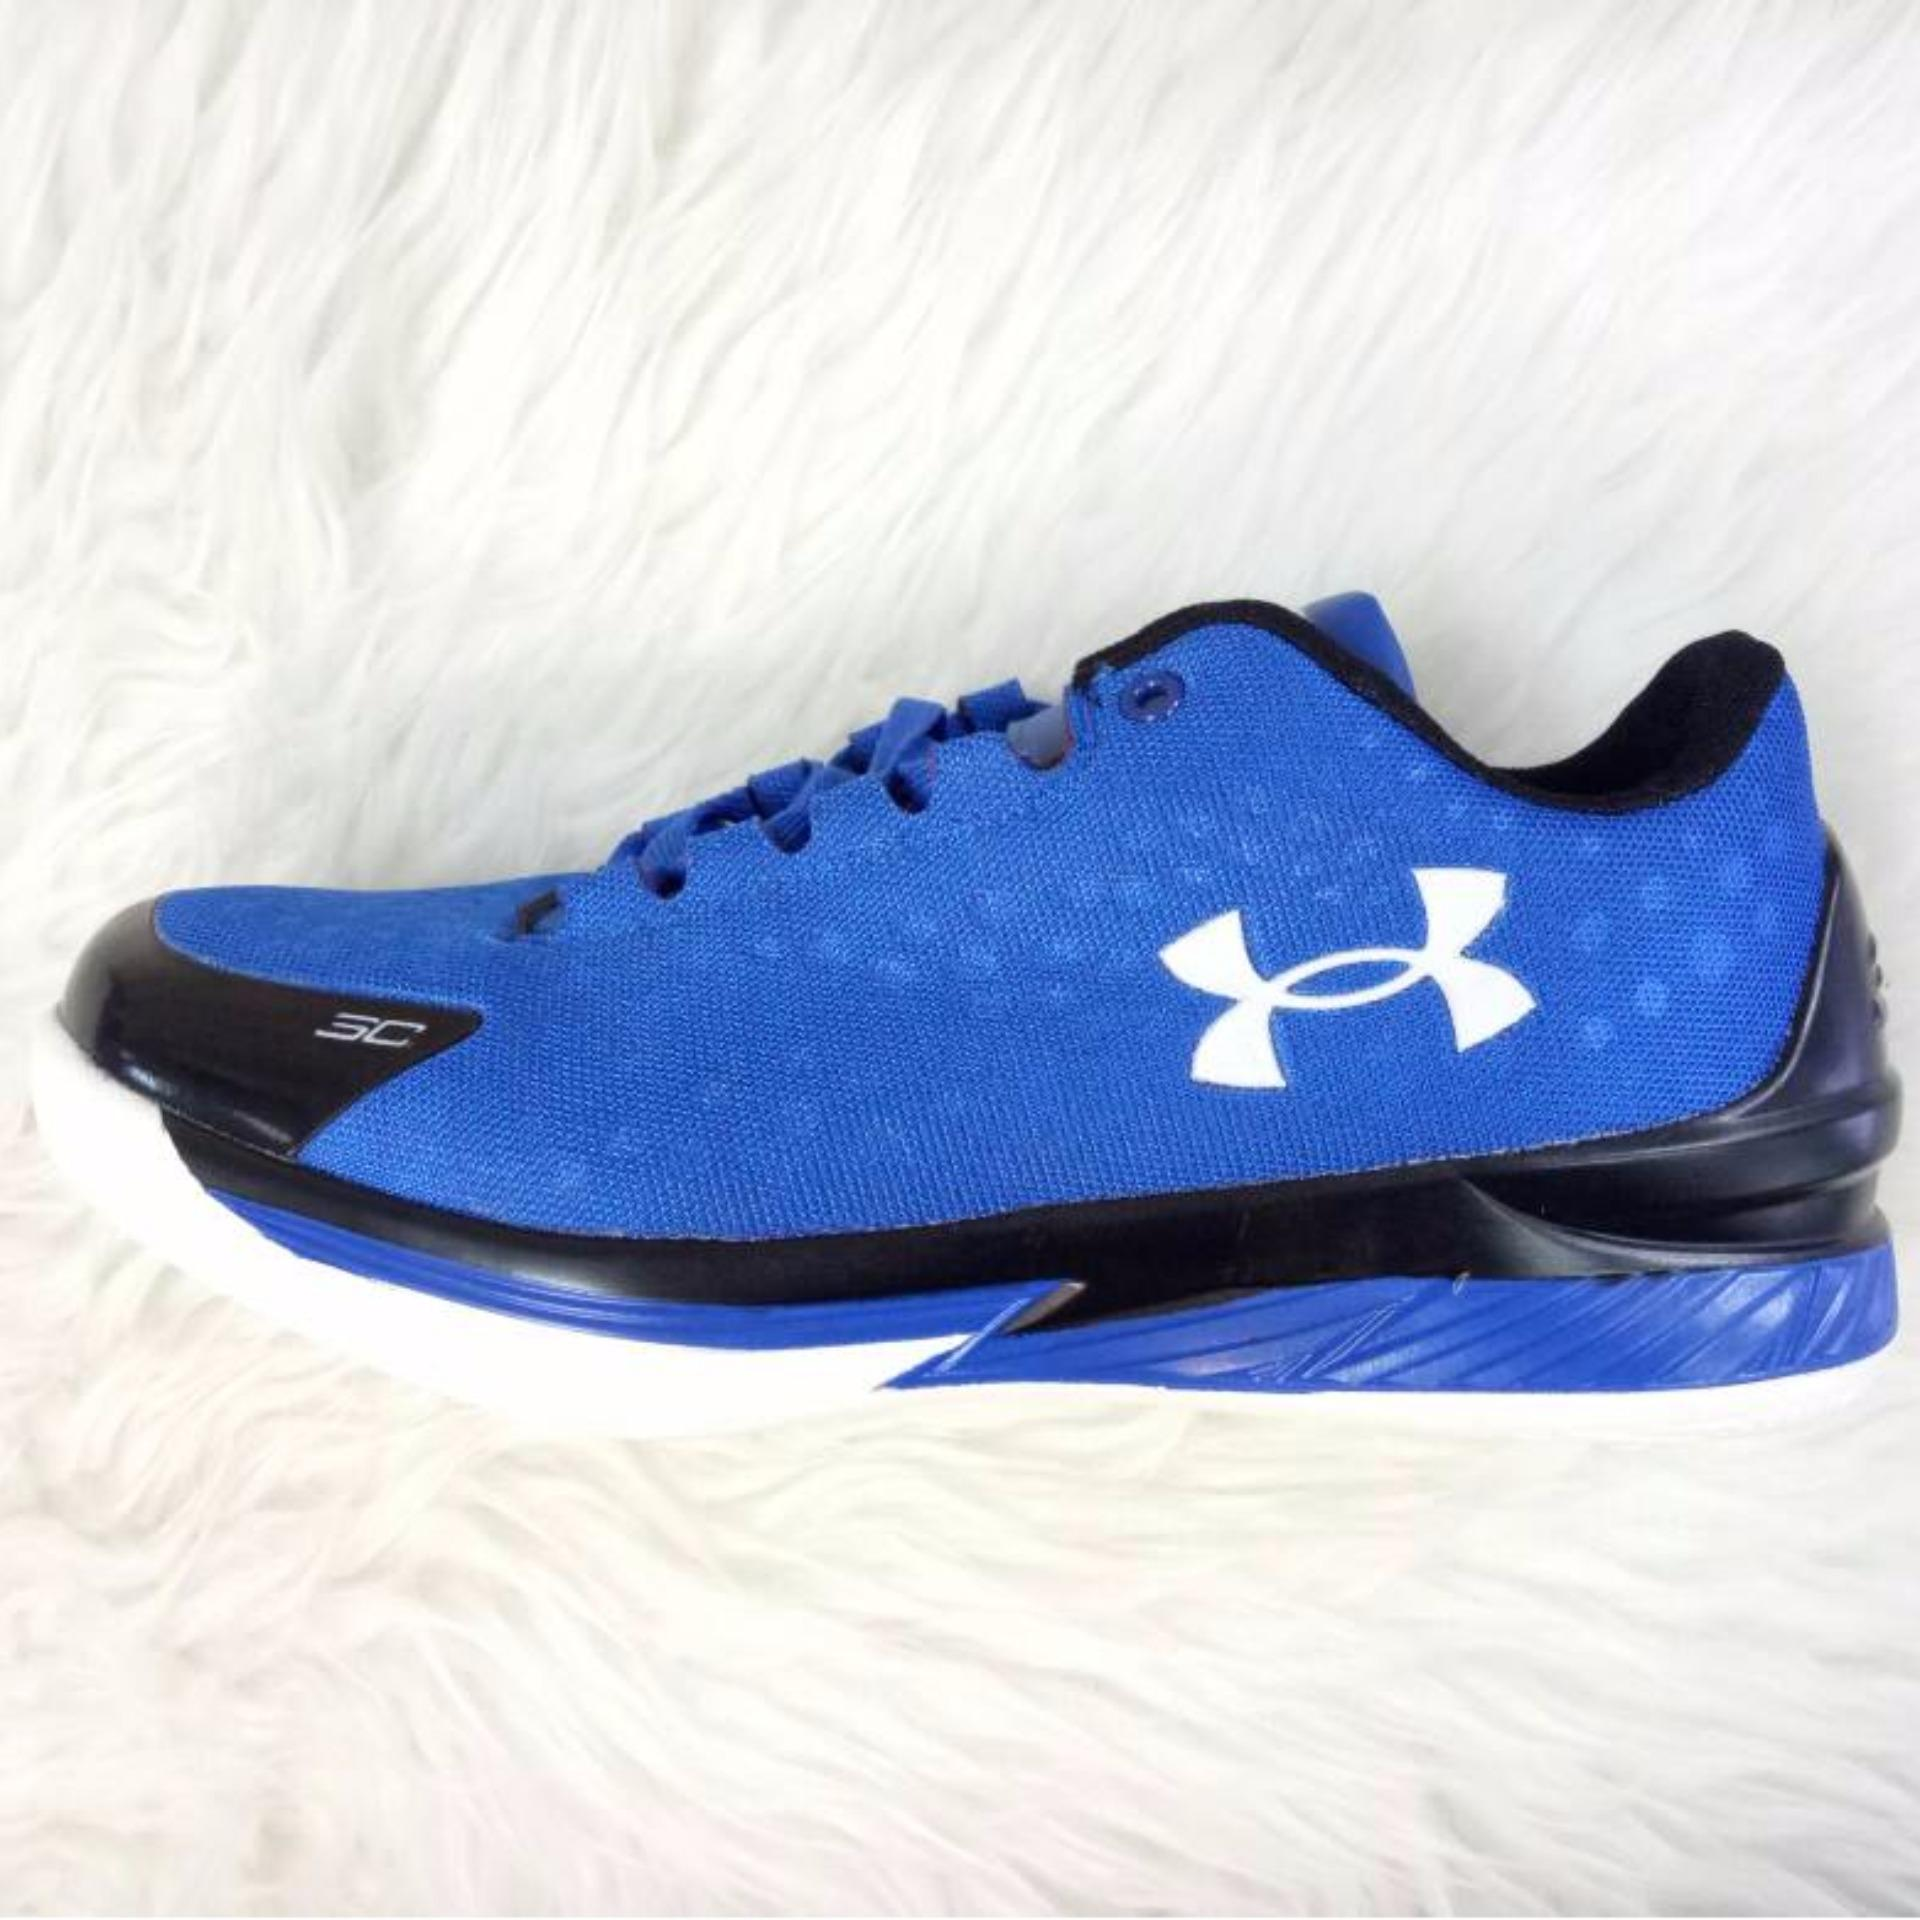 Sepatu Under Armour Stephen Curry I Sepatu Running I Sepatu Lari ISepatu  Olahraga . 4767154ff4